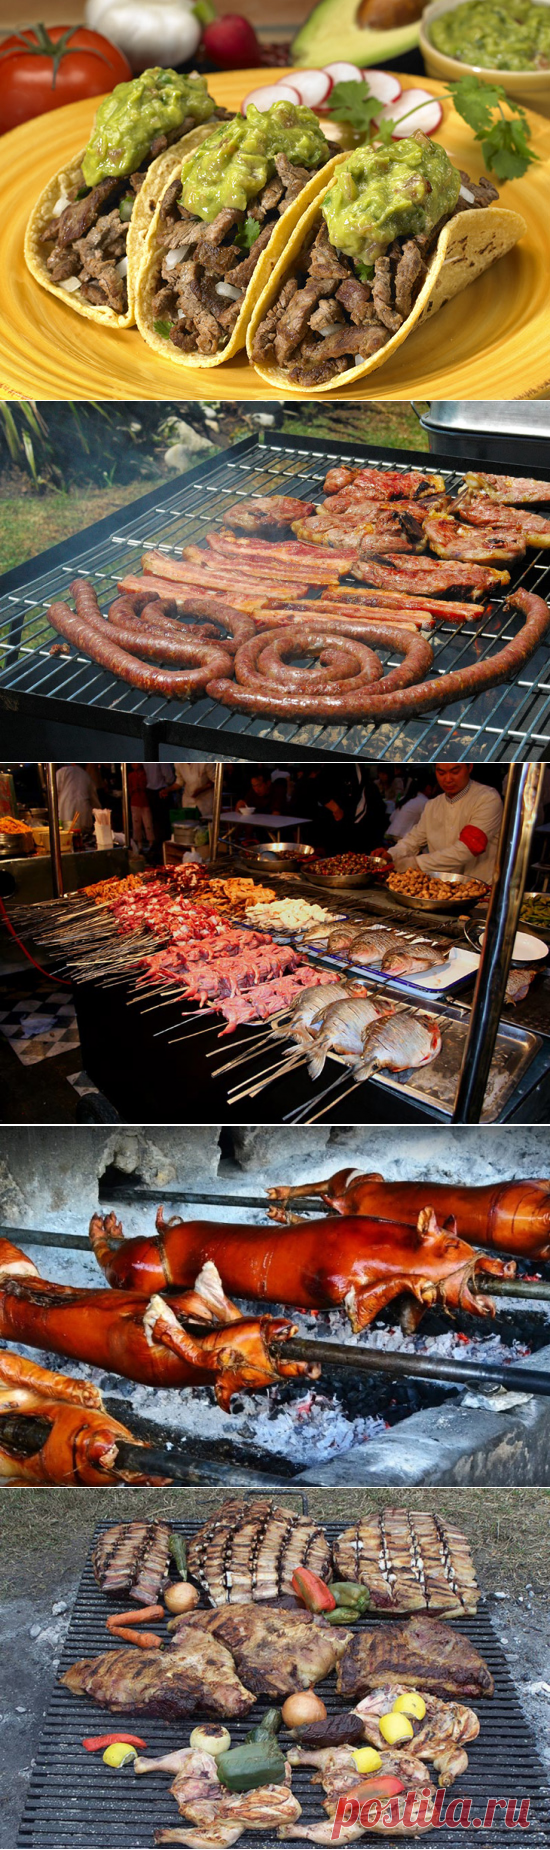 Мясо на углях: самые вкусные рецепты мира